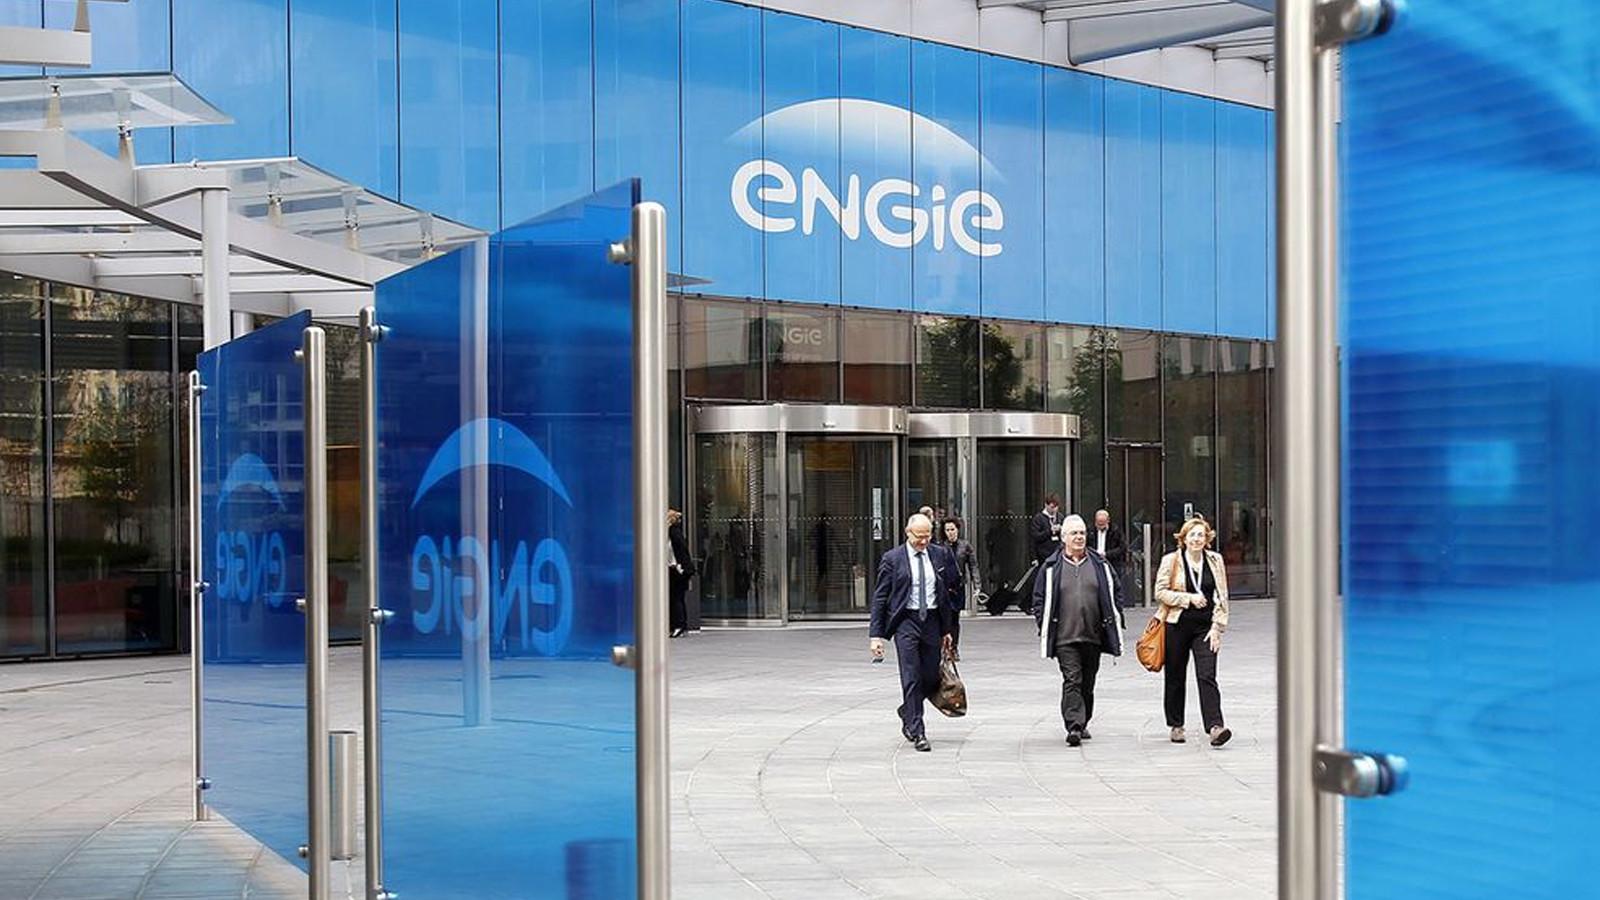 Fransız devi Engie, 4 şirketini birden sattı